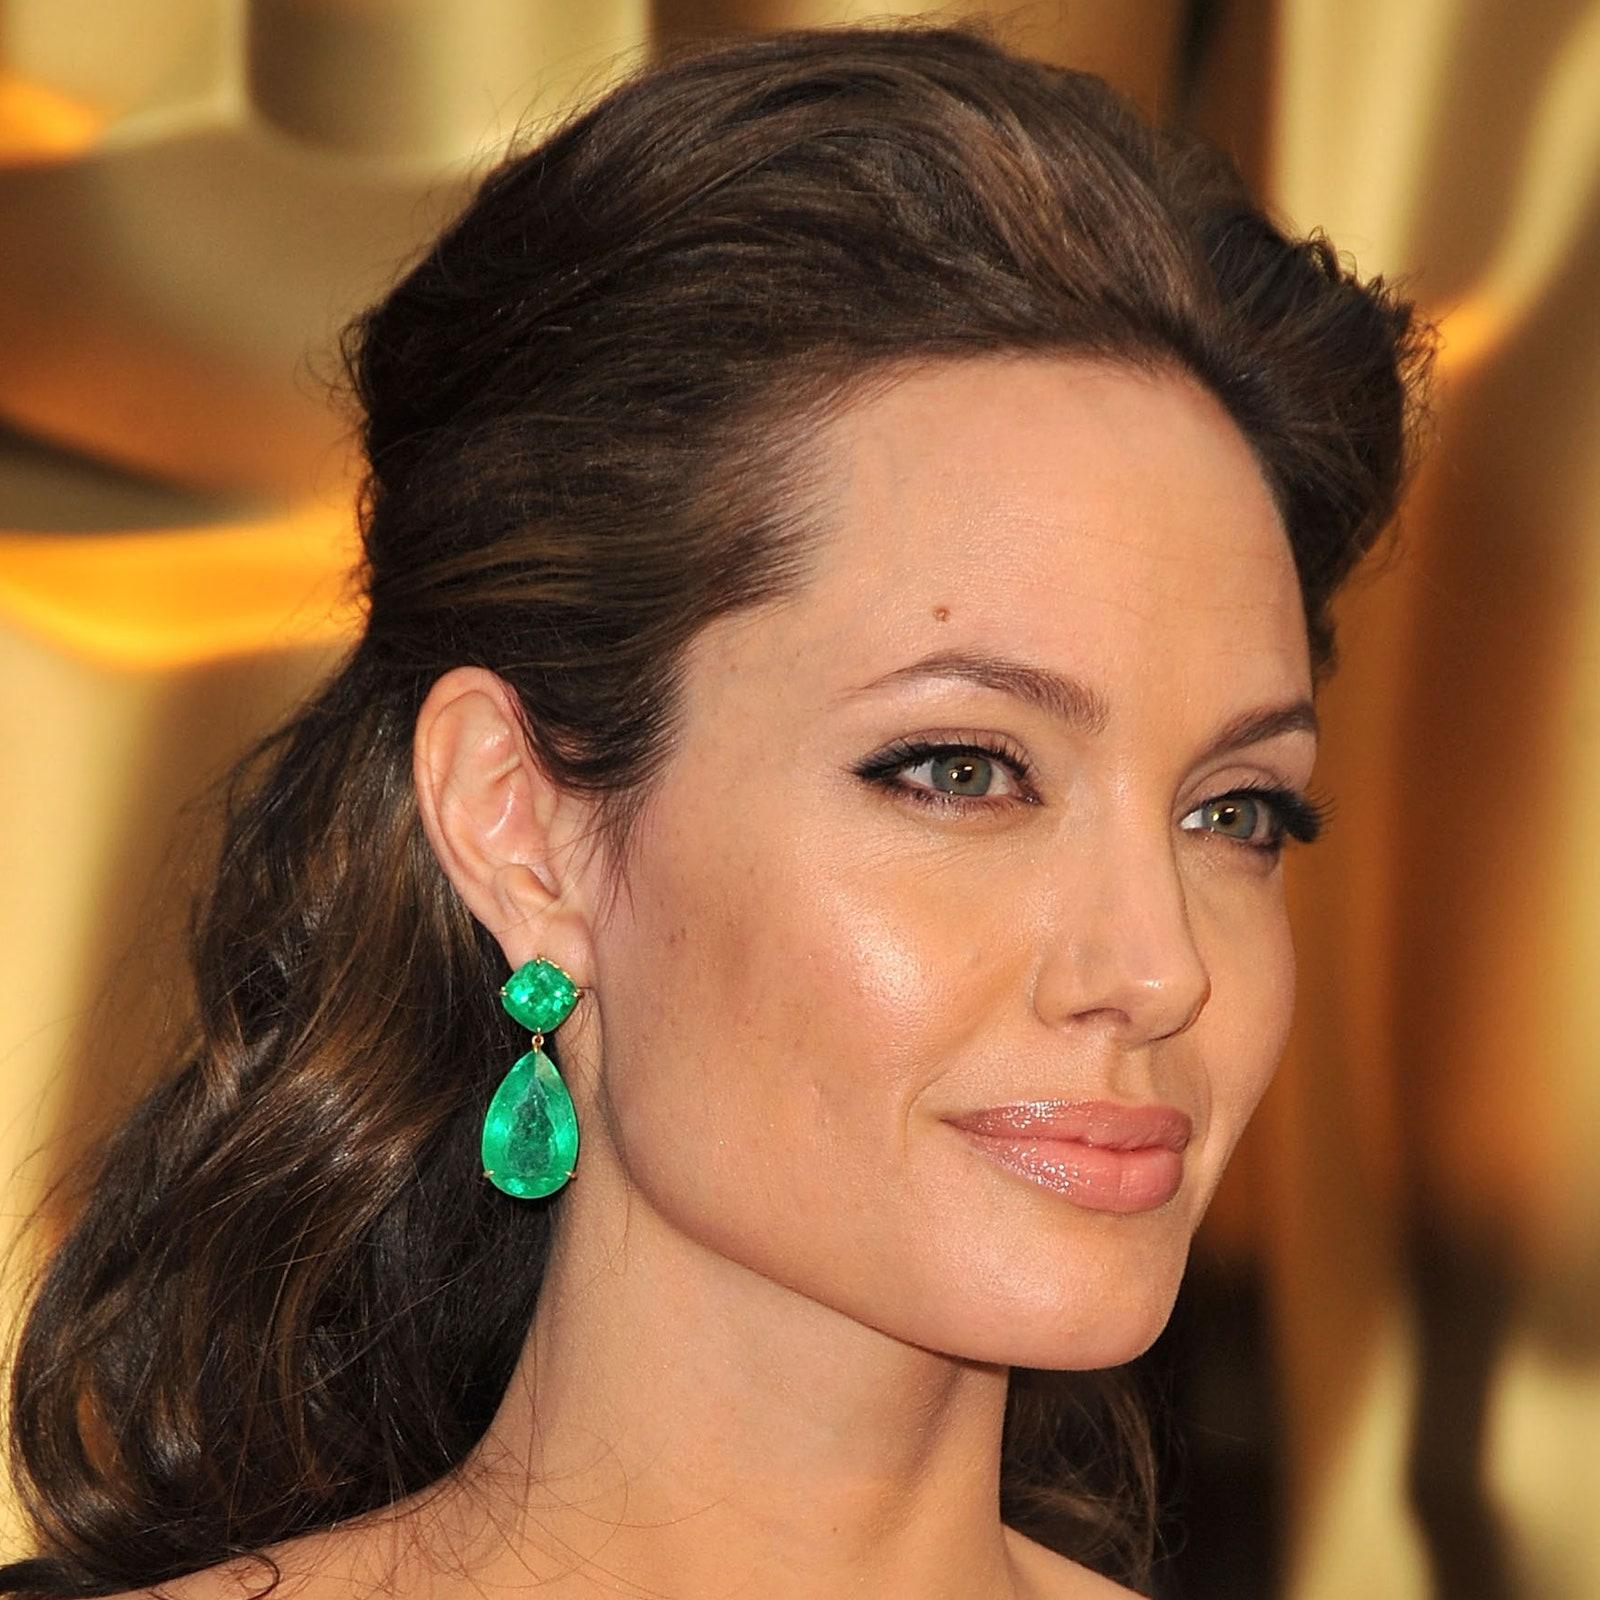 Phong cách thoa son bóng màu nude cũng được Angelina Jolie áp dụng năm 2009 với tông trang điểm tự nhiên, chỉ kẻ chút eyeliner cho đôi mắt thêm sắc sảo. Nhà tạo mẫu tóc David Babaii tạo kiểu tóc uốn sóng nhẹ cho nữ diễn viên, phần tóc hai bên buộc gọn phía sau, tôn lên gương mặt cùng khuyên tai ngọc lục bảo. Ảnh: Allure.